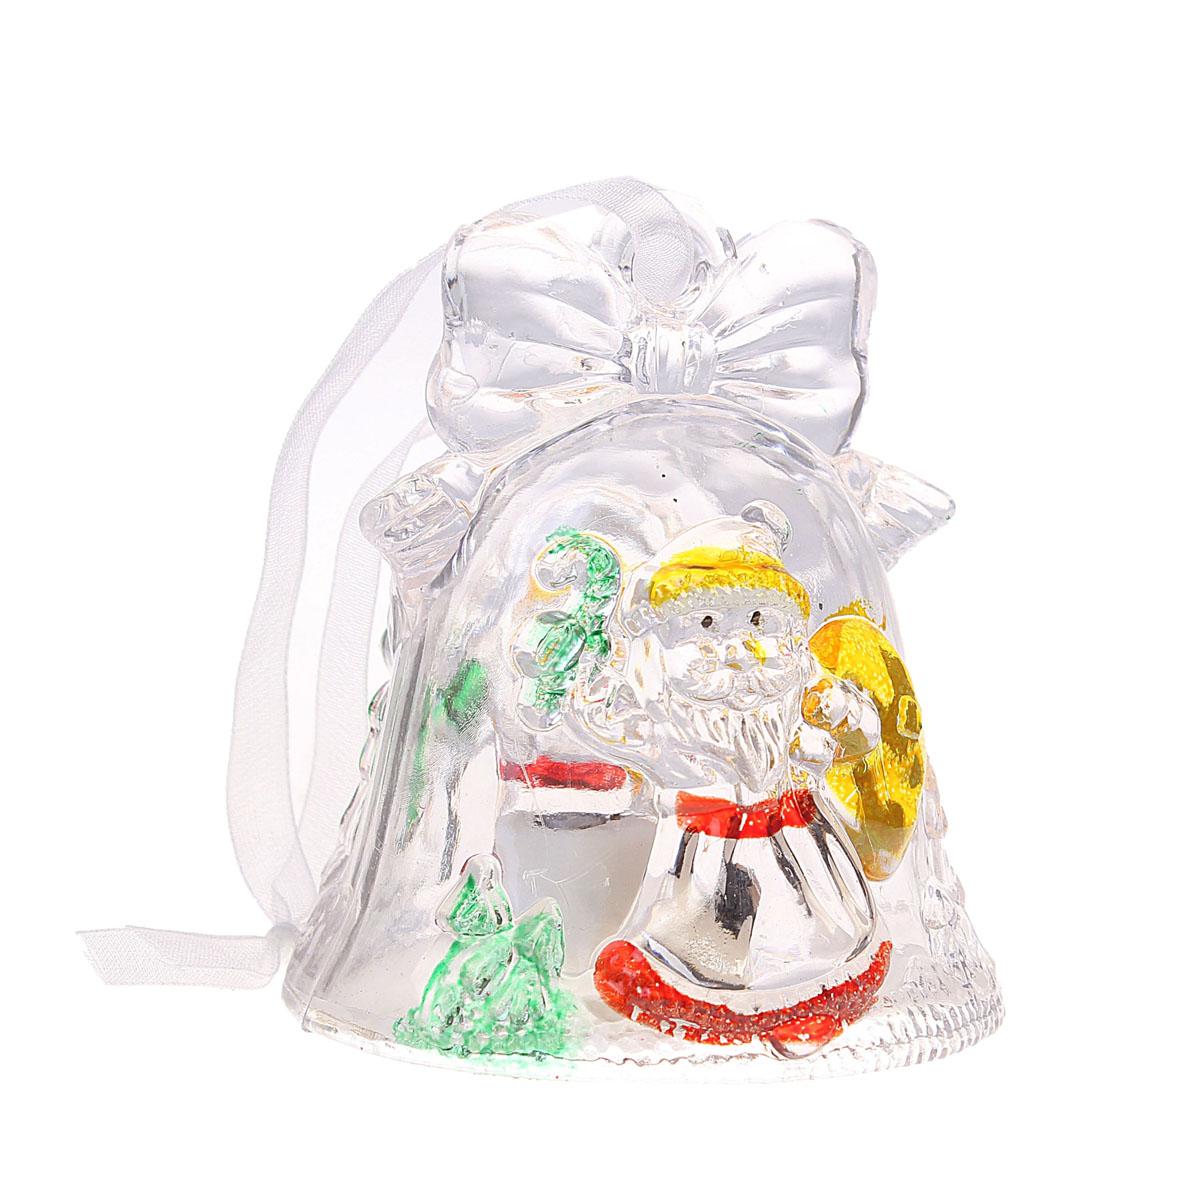 """Новогоднее подвесное украшение Sima-land """"Колокольчик и Дед Мороз"""", с подсветкой"""